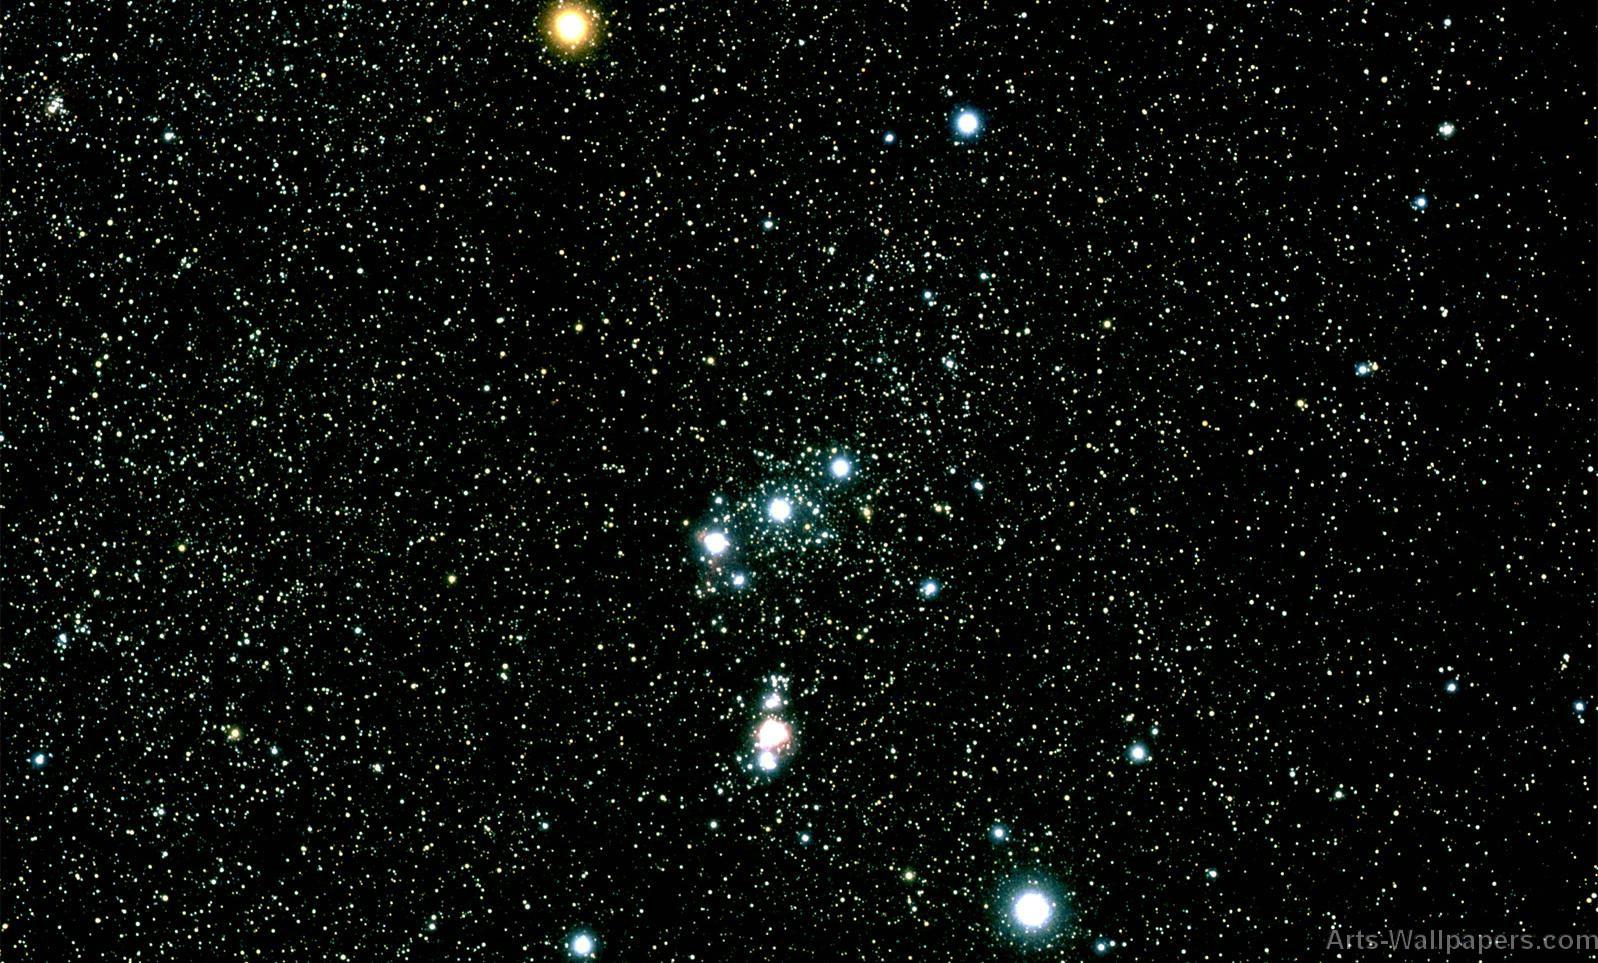 space wallpaper print - photo #47